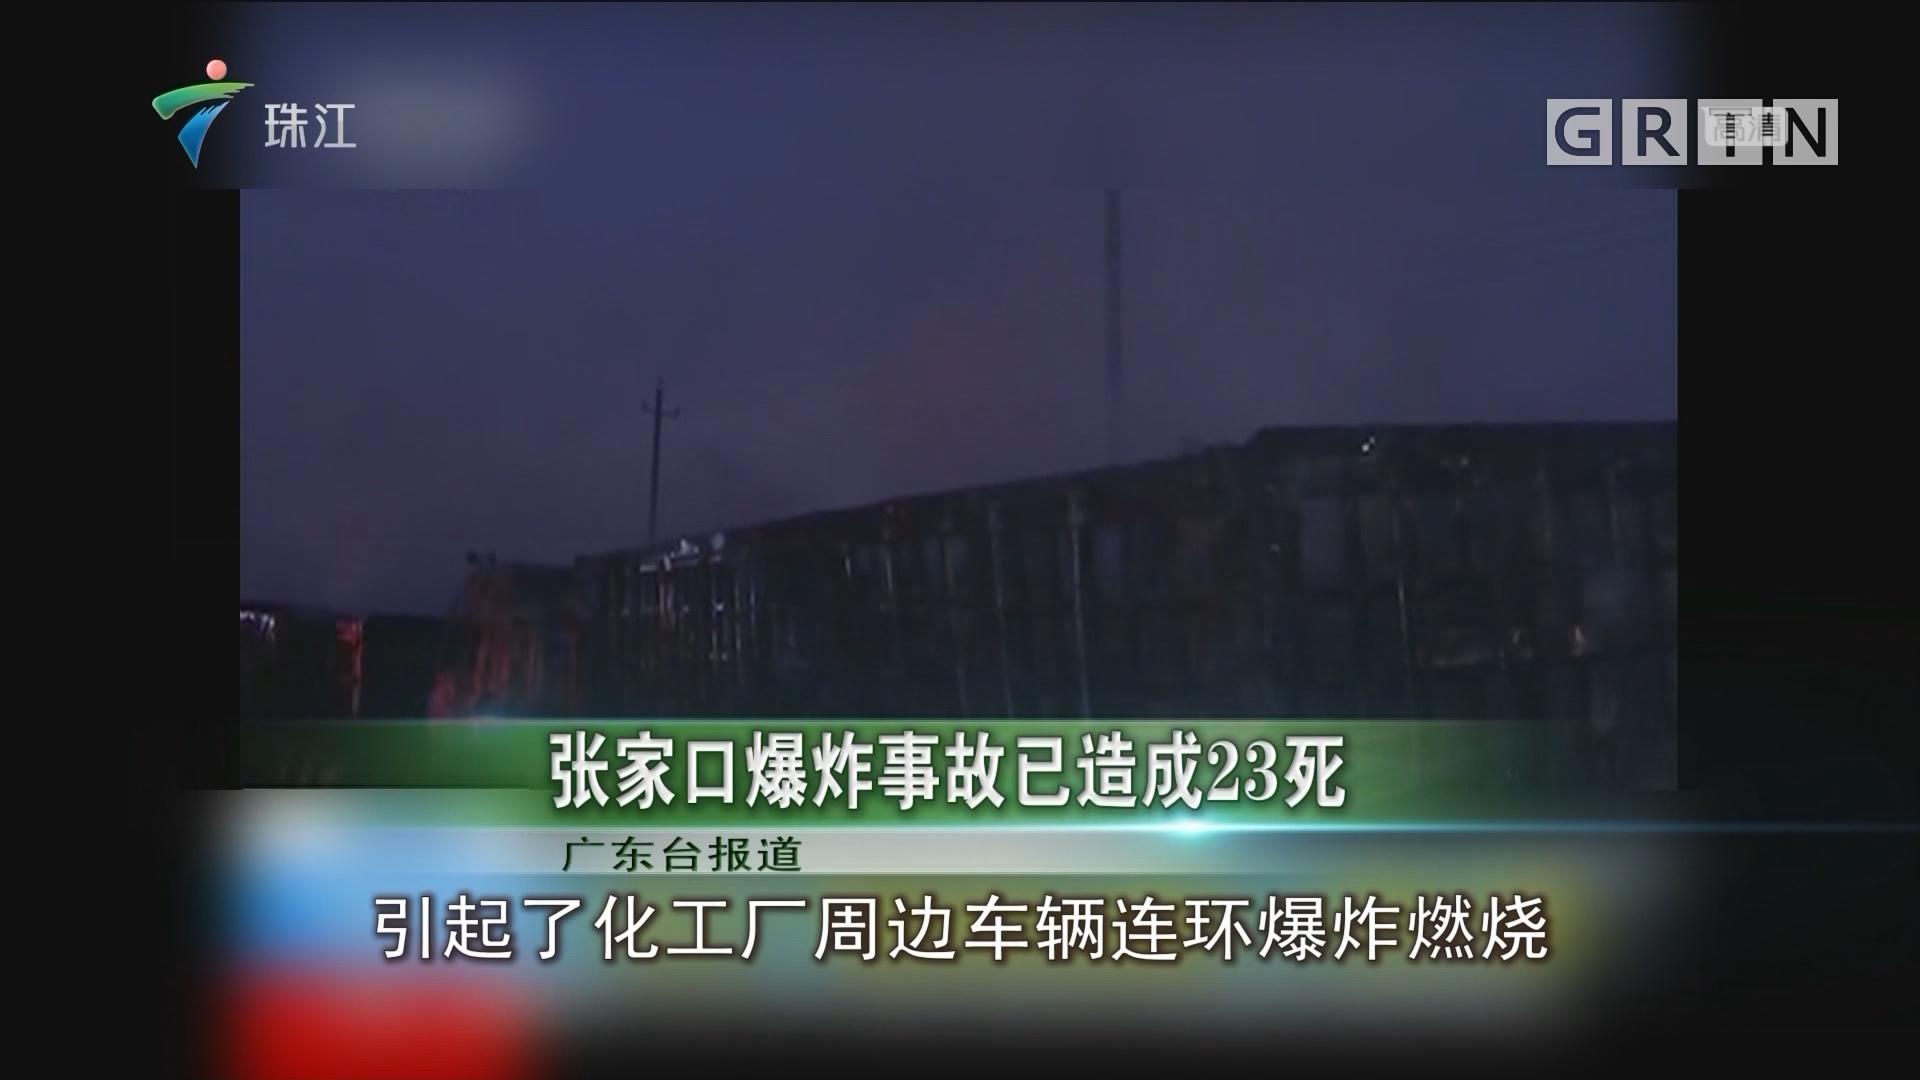 张家口爆炸事故已造成23死